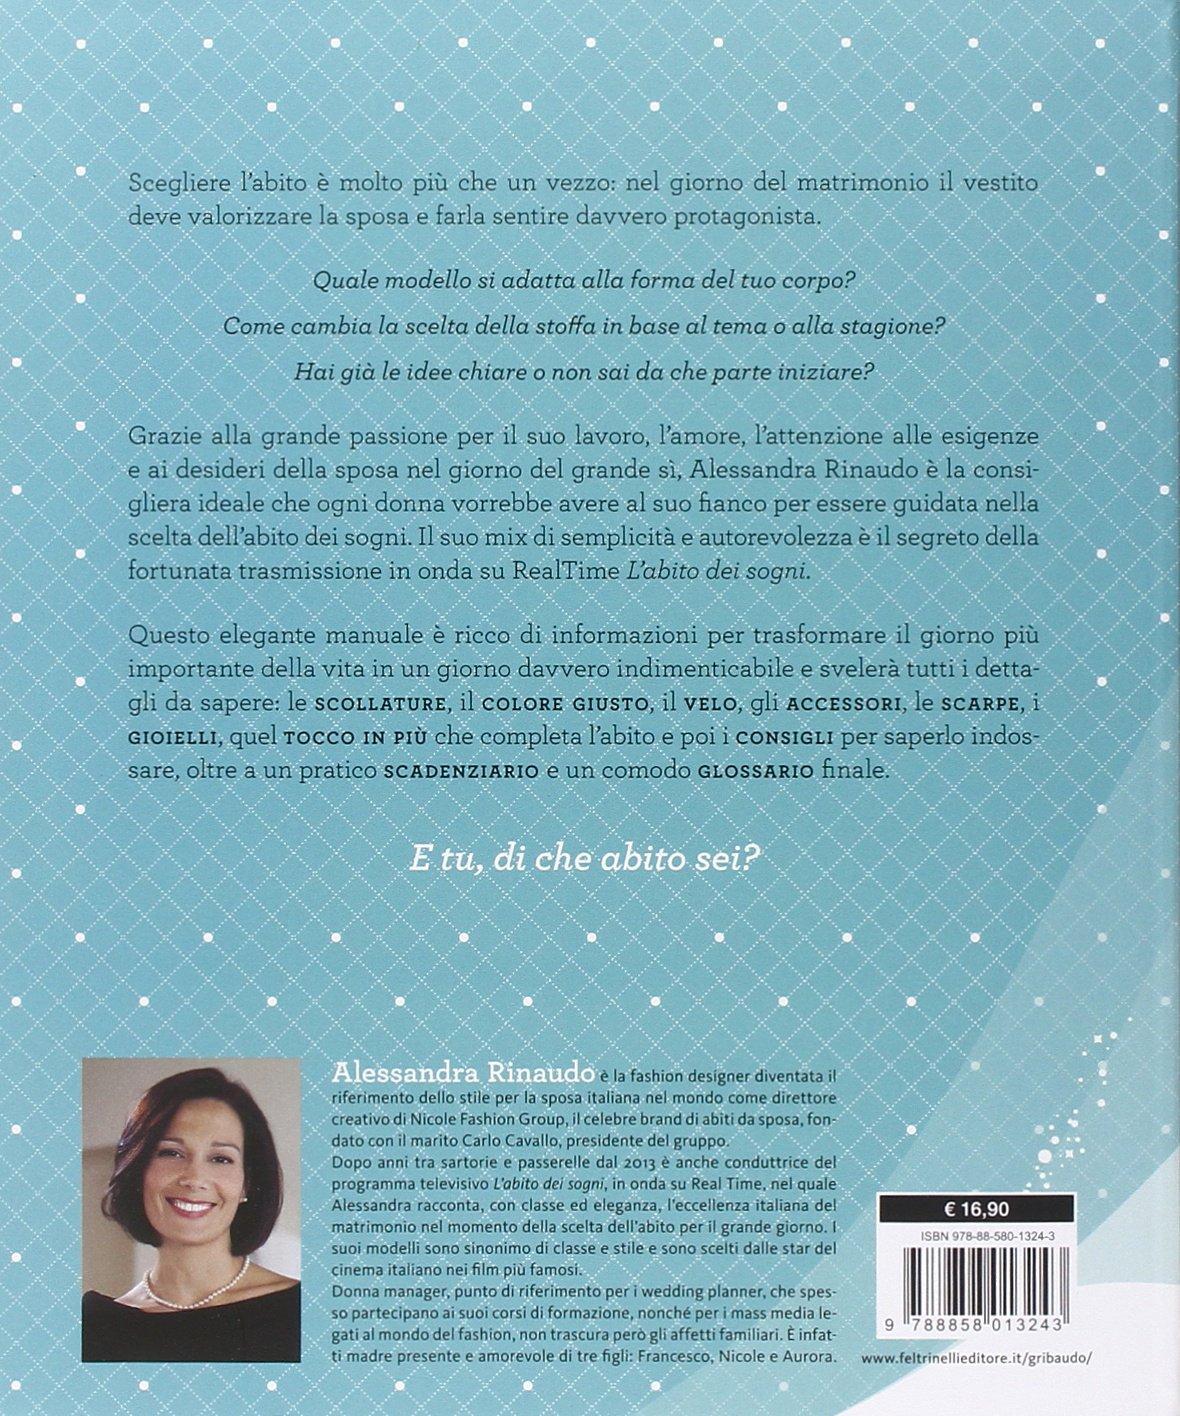 Amazon.it  L abito dei sogni. Come trovare l abito perfetto ed essere  felice! - Alessandra Rinaudo - Libri 64e84eea902